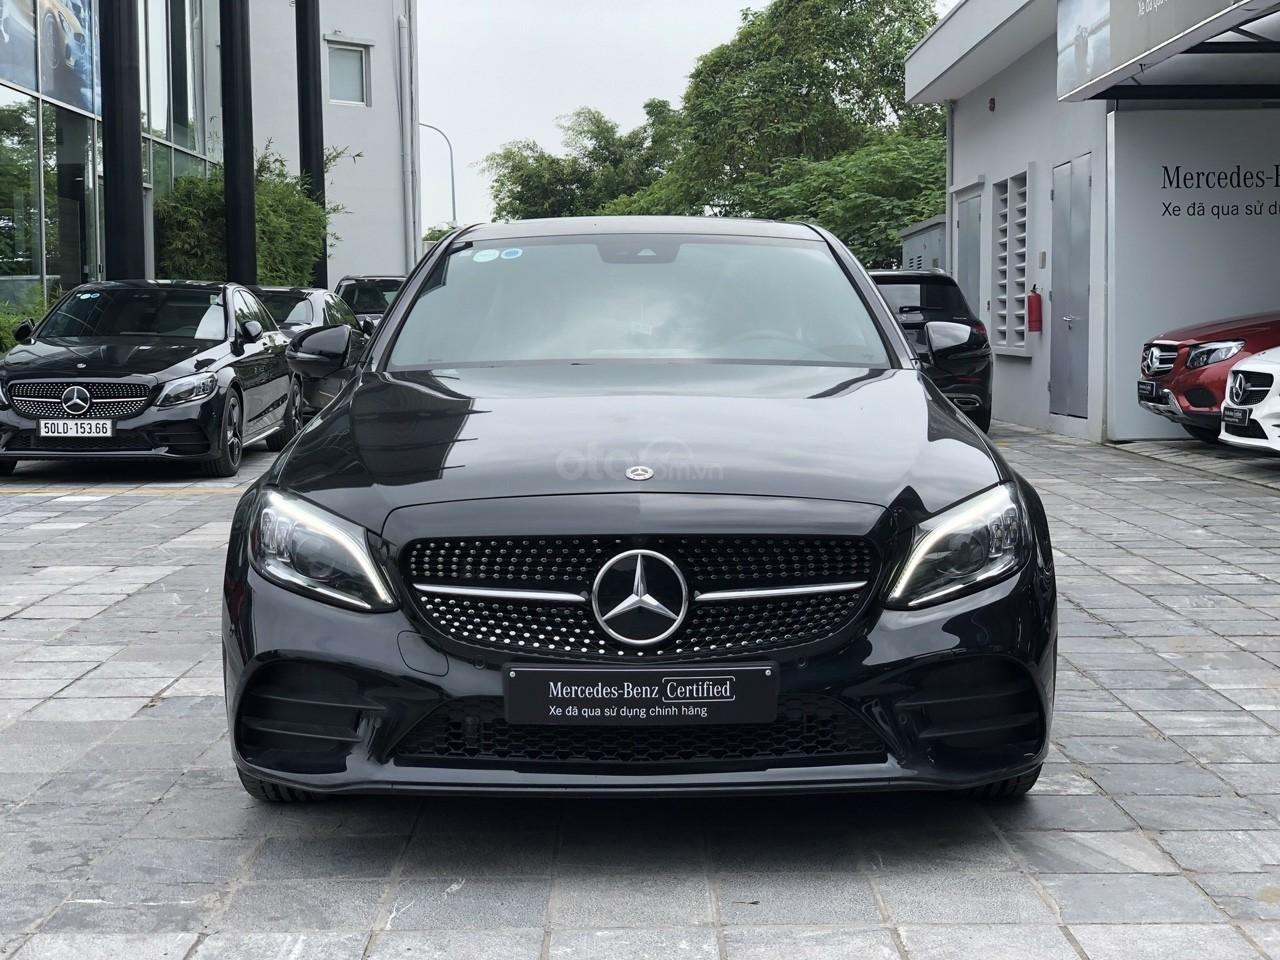 Sở hữu ngay Mercedes C300 2019 - giá cực tốt (1)